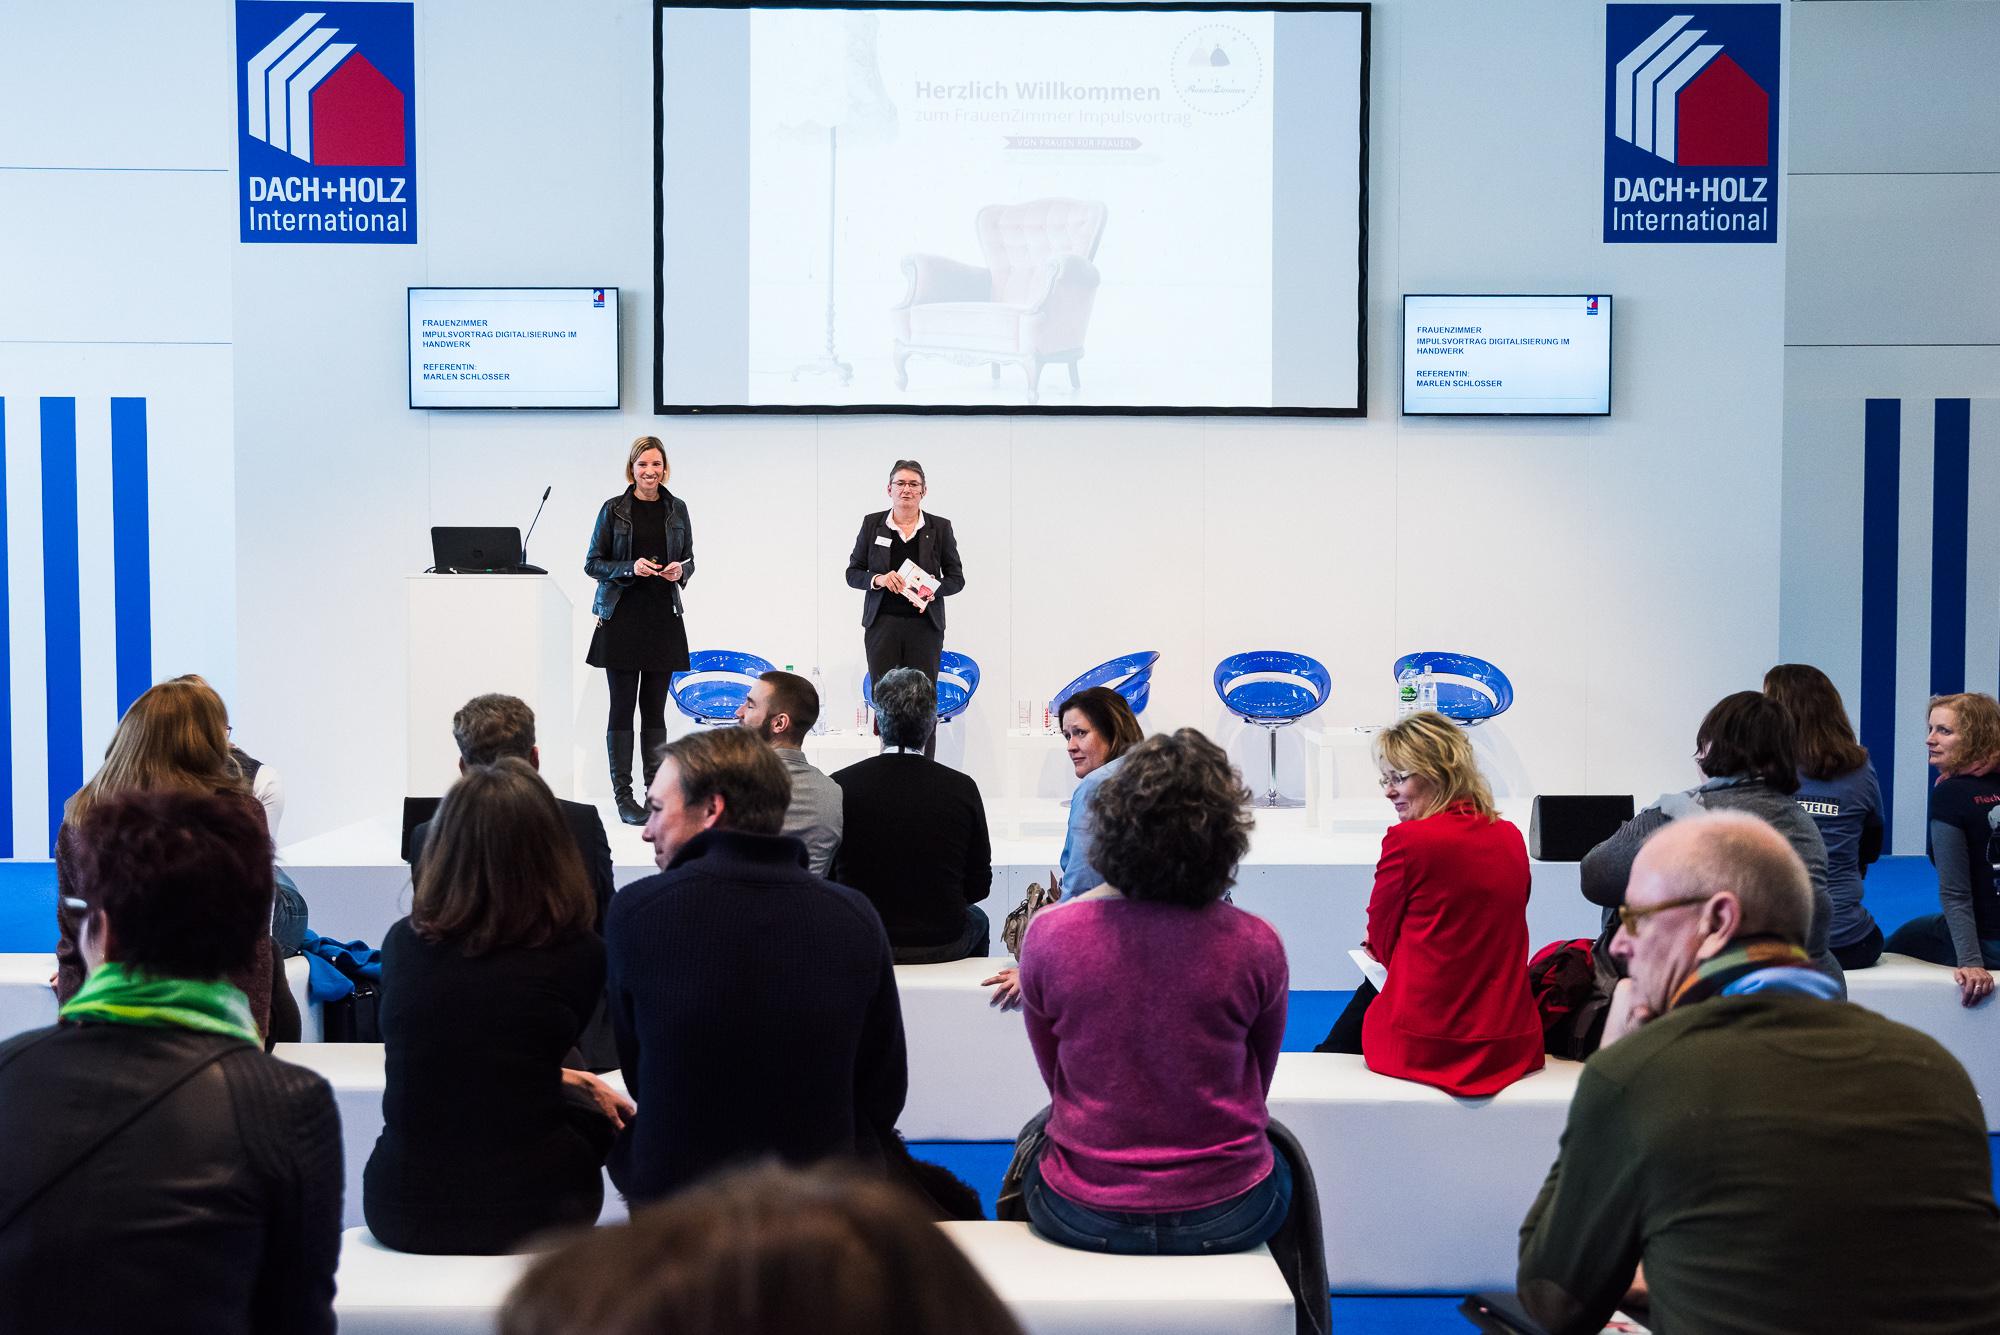 DACH+HOLZ in Köln: Großes Interesse bei Vortrag zur Digitalisierung